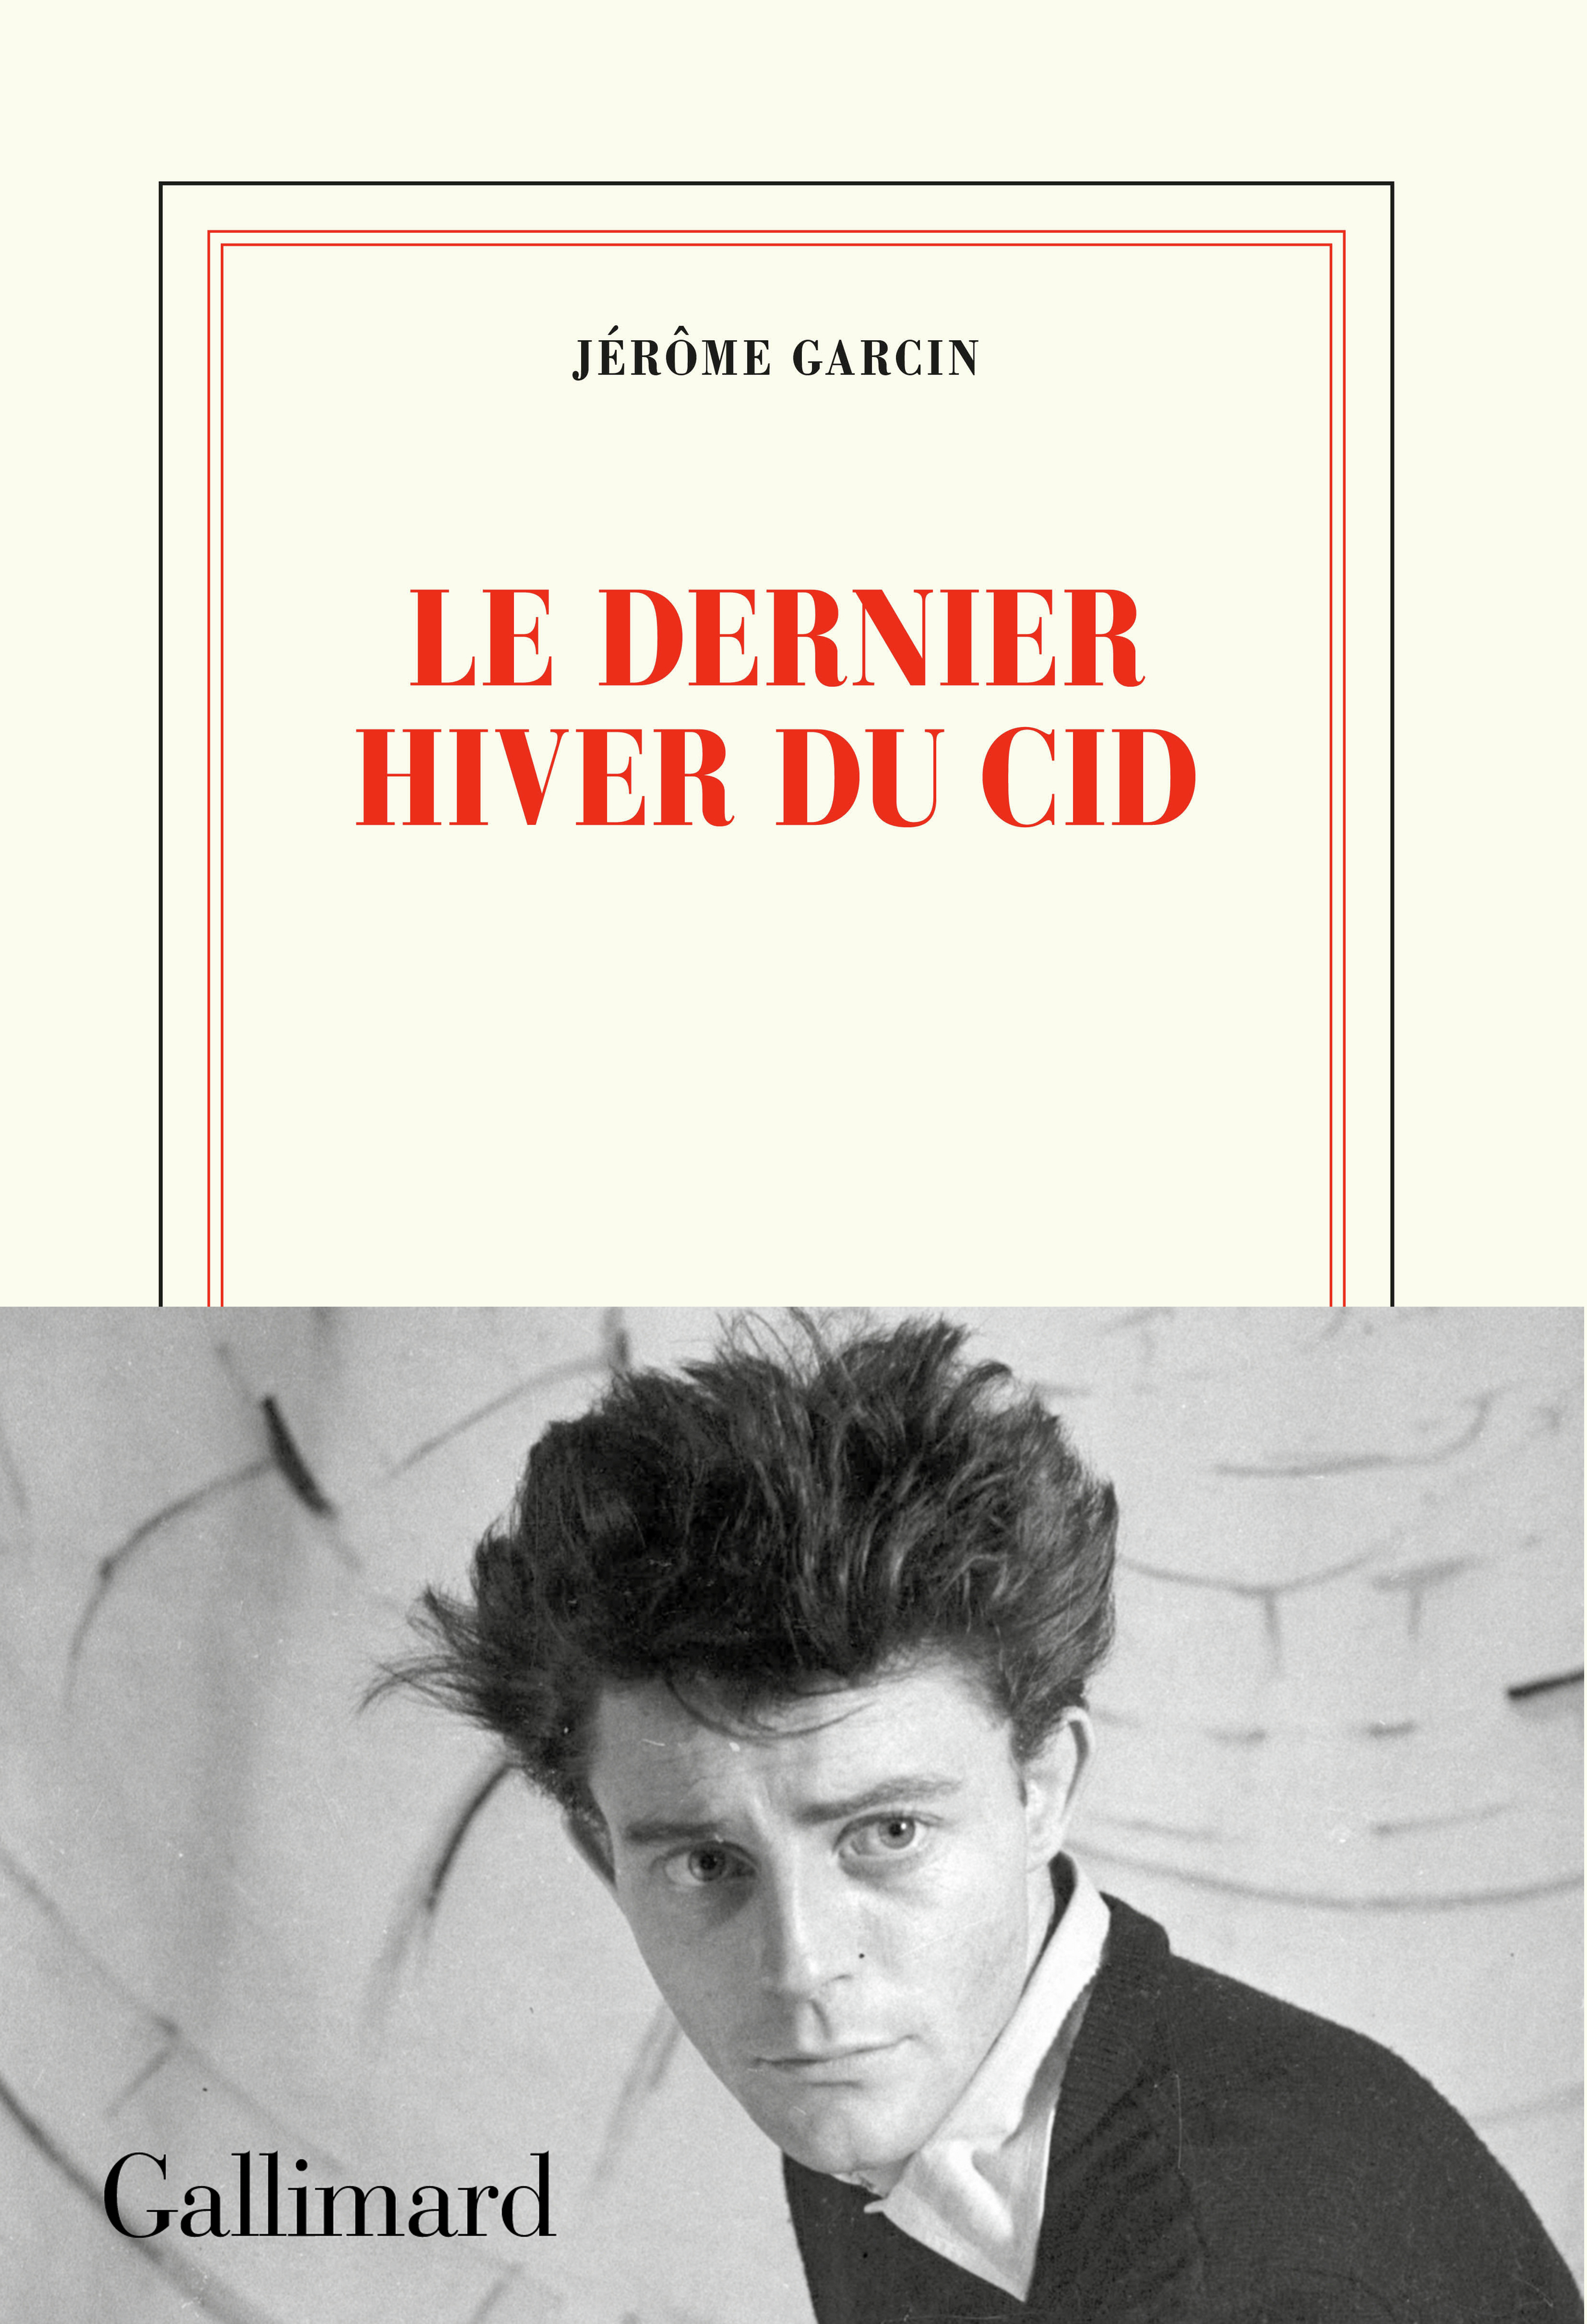 """Résultat de recherche d'images pour """"LE DERNIER hiver du cid livres"""""""